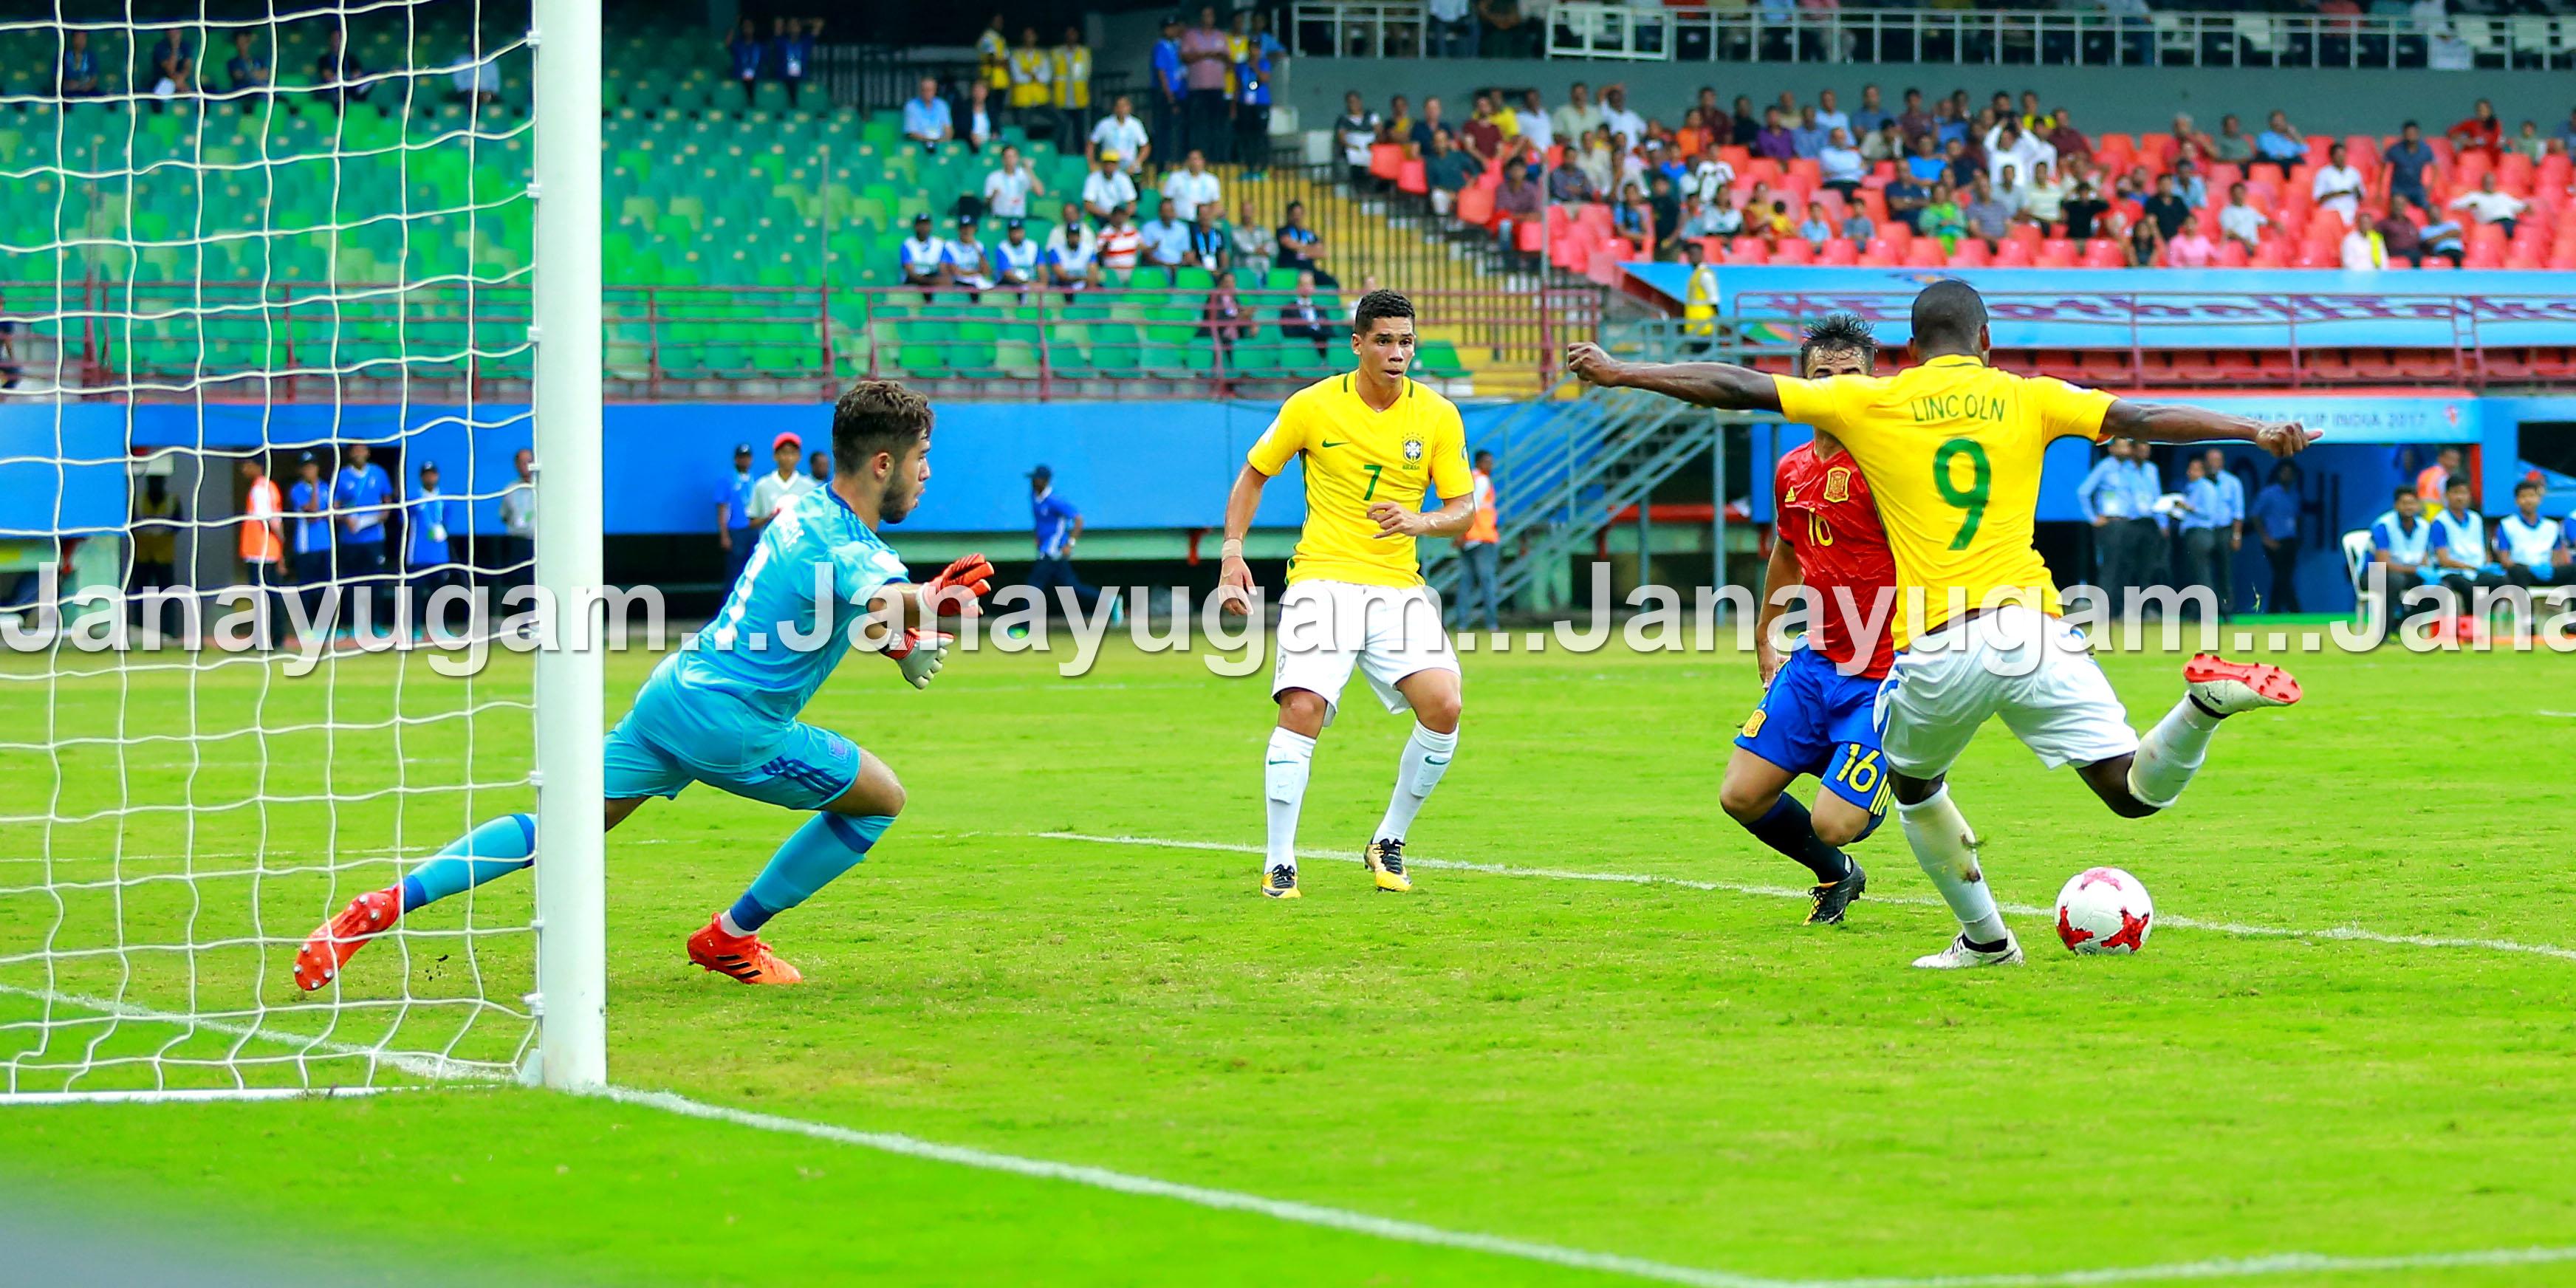 ഫിഫ അണ്ടർ 17: ബ്രസീല് 2–1 ന് ജയിച്ചു